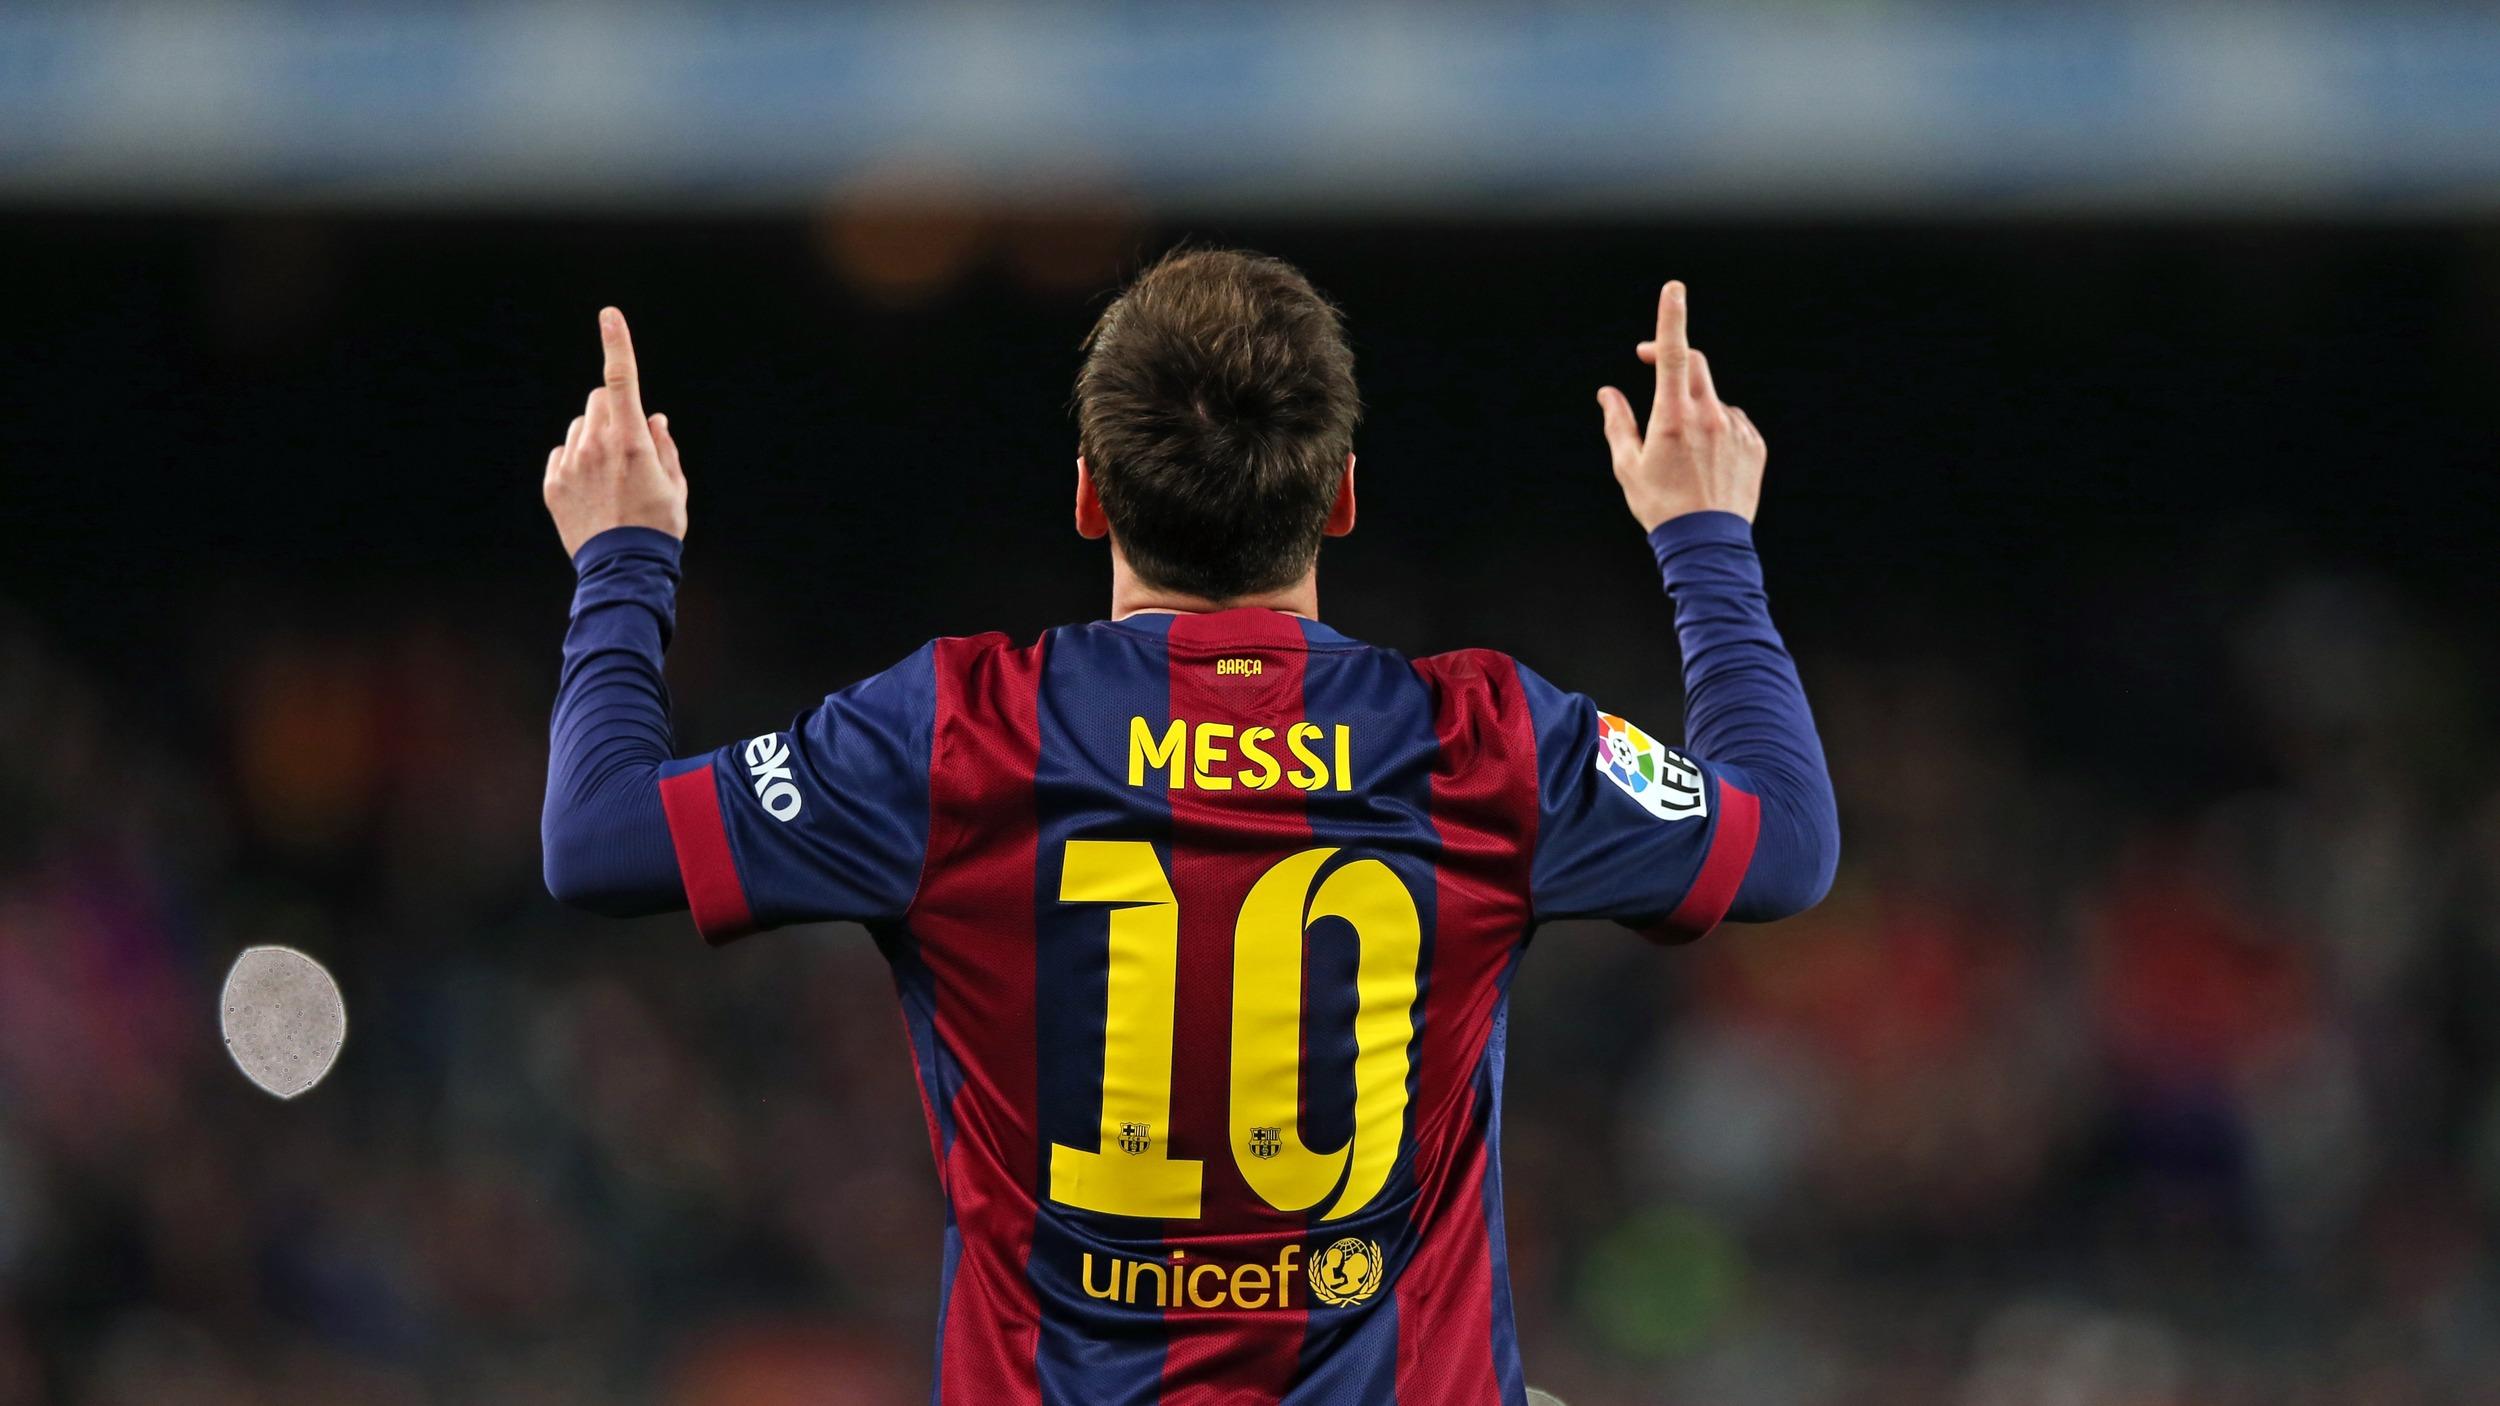 Foto: Miguel Ruiz/FC Barcelona via Getty Images